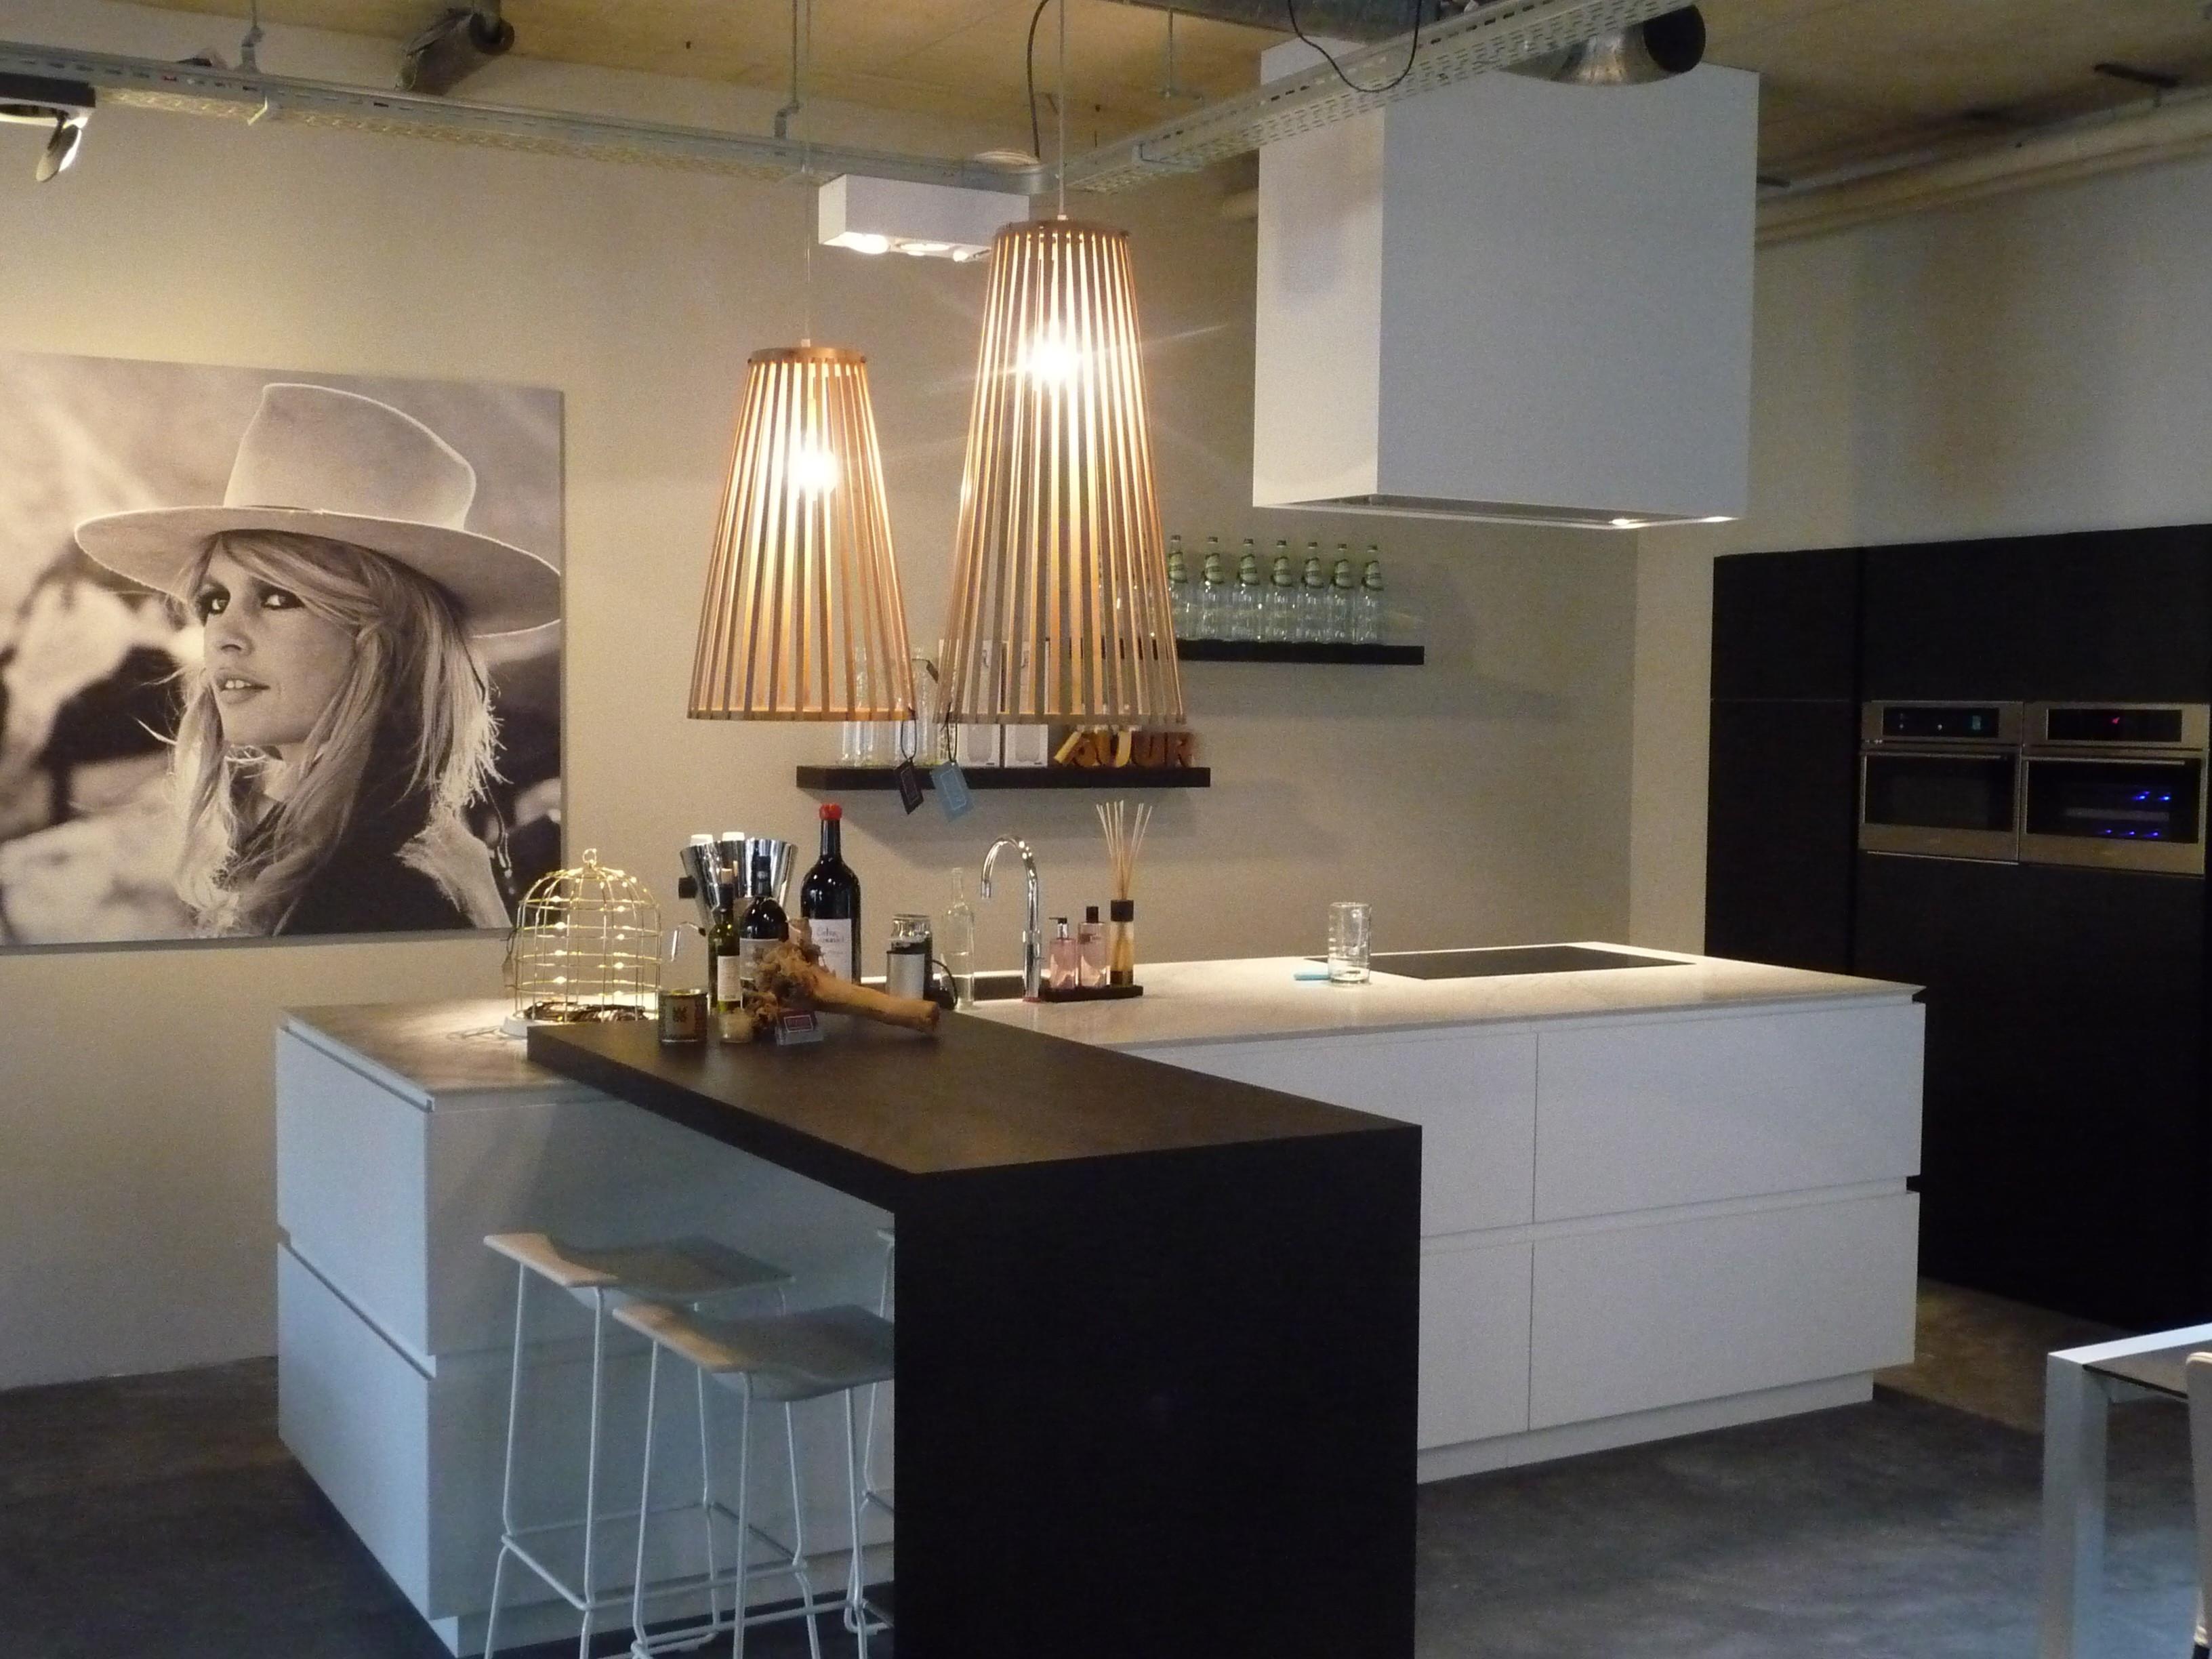 Keuken Met Bartafel : Gatronome maatwerk keuken van PUUR Design & Interieur – Naar ontwerp